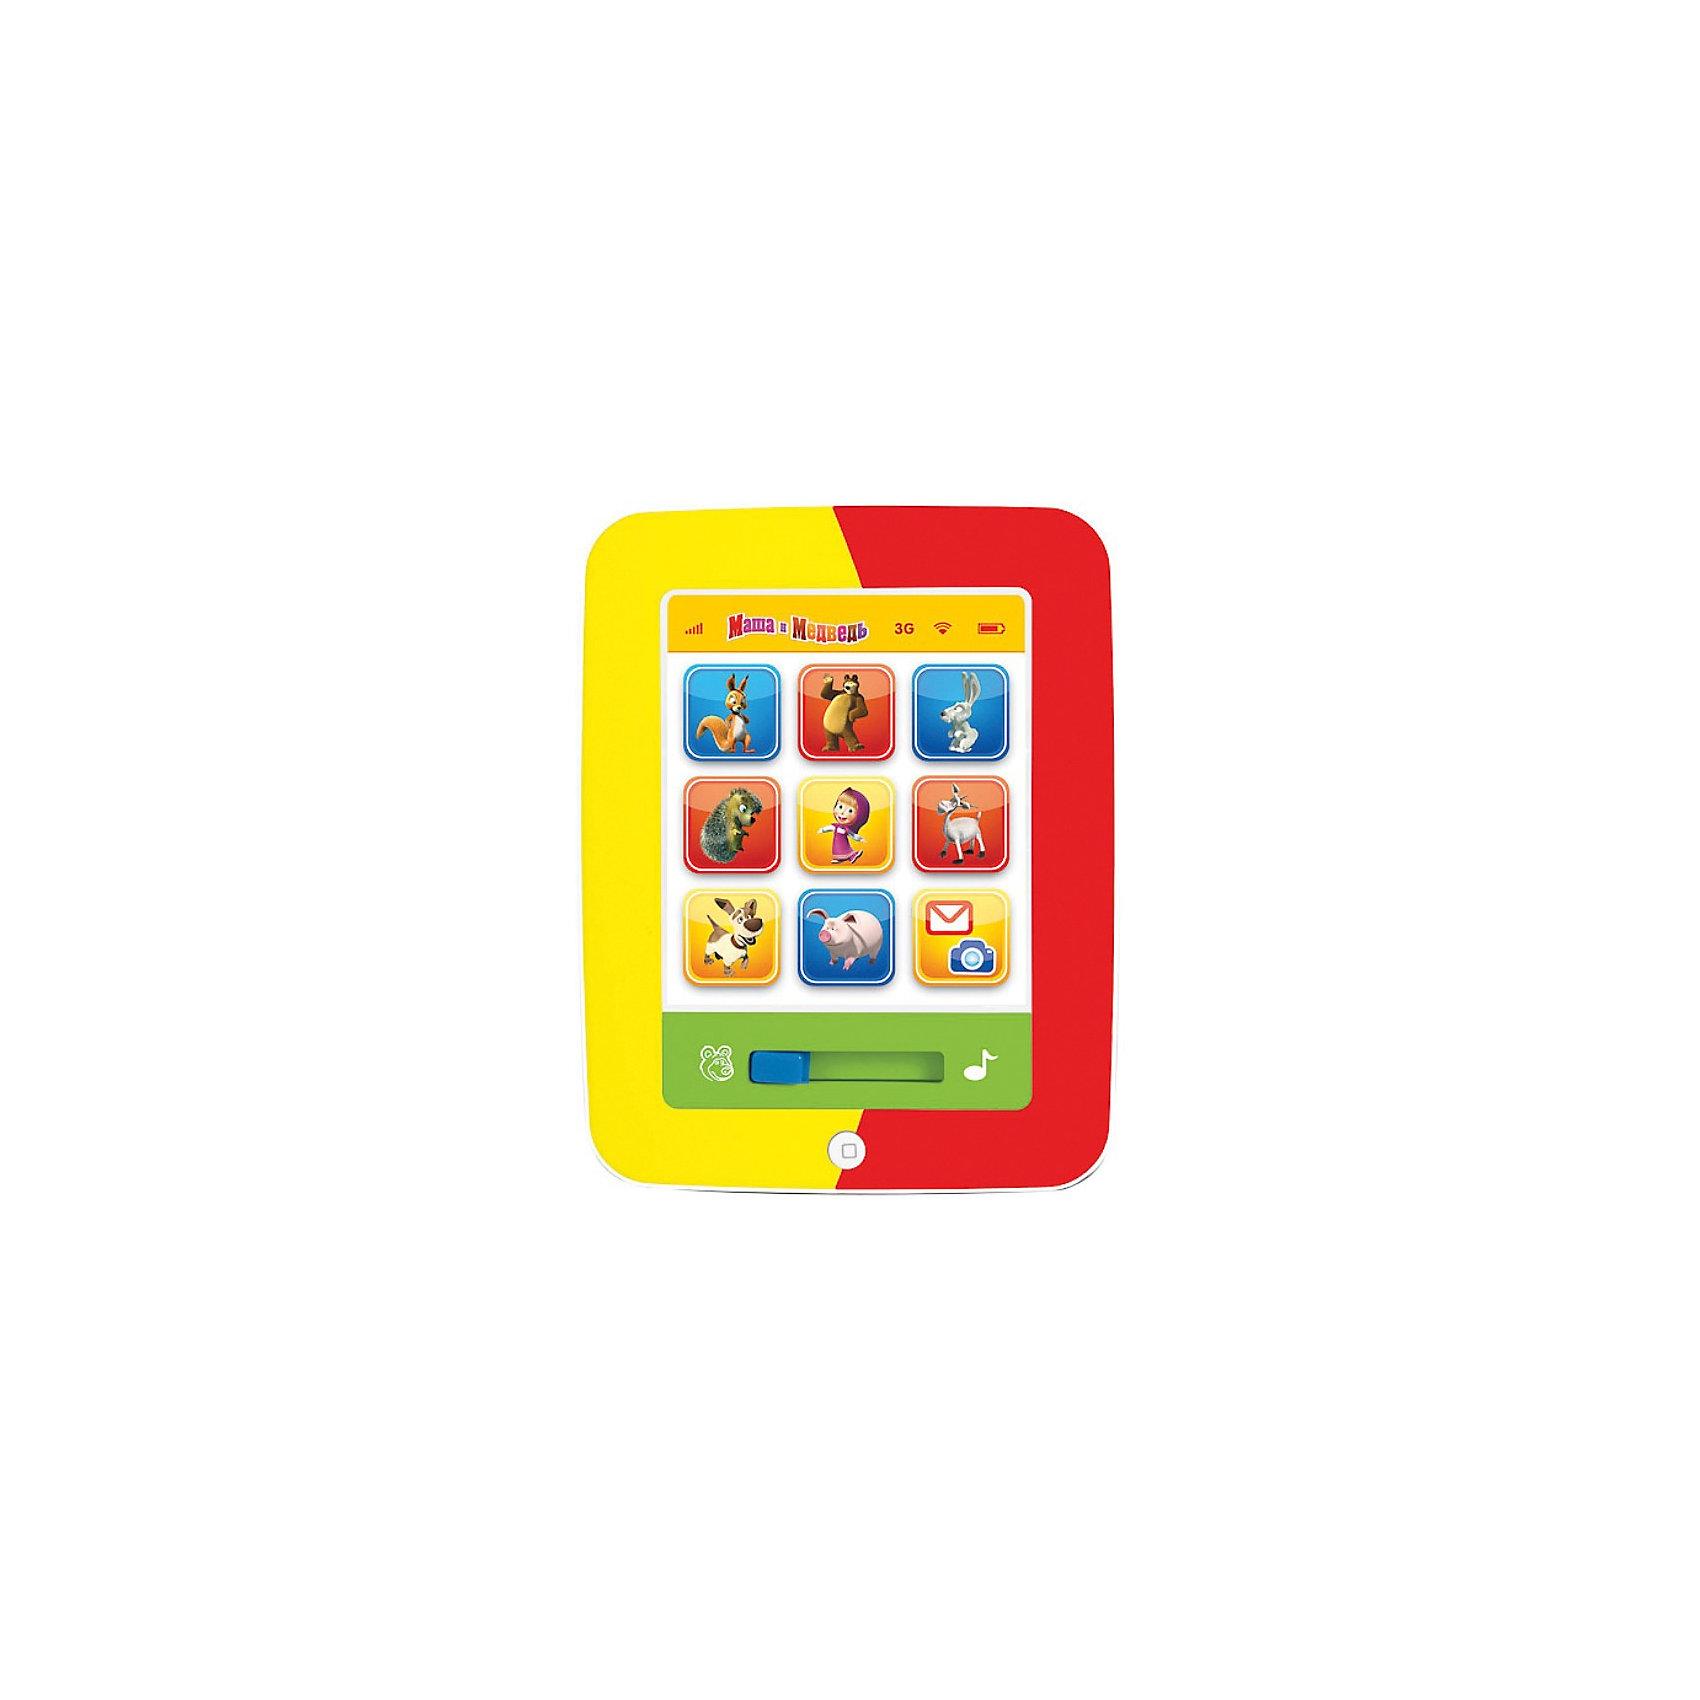 Мой первый планшет, Маша и медведь, со светом и звуком, УмкаМой первый планшет, Маша и медведь, Умка - красочная развивающая игрушка, которая надолго увлечет Вашего ребенка и будет способствовать его интеллектуальному развитию. Игрушка выполнена в ярком привлекательном дизайне в форме планшета.<br><br>В игрушке предусмотрено 7 развивающих функций. На игровой панели размещены крупные разноцветные кнопки с изображениями персонажей мультфильма - забавных зверюшек. При нажатии на кнопки ребенок услышит названия и голоса животных, а также факты о них. На планшете можно прослушать 9 стихотворений и 2 песенки из мультфильма. Имеется  автоматическое отключение, световые и звуковые эффекты.<br><br>Дополнительная информация:<br><br>- Материал: пластик, металл.<br>- Требуются батарейки: 3 х АА (входят в комплект).<br>- Размер: 22 х 17 х 3 см.<br>- Вес: 0,376 кг.<br><br>Мой первый планшет, Маша и медведь, Умка можно купить в нашем интернет-магазине.<br><br>Ширина мм: 220<br>Глубина мм: 30<br>Высота мм: 290<br>Вес г: 390<br>Возраст от месяцев: 6<br>Возраст до месяцев: 36<br>Пол: Унисекс<br>Возраст: Детский<br>SKU: 3702462